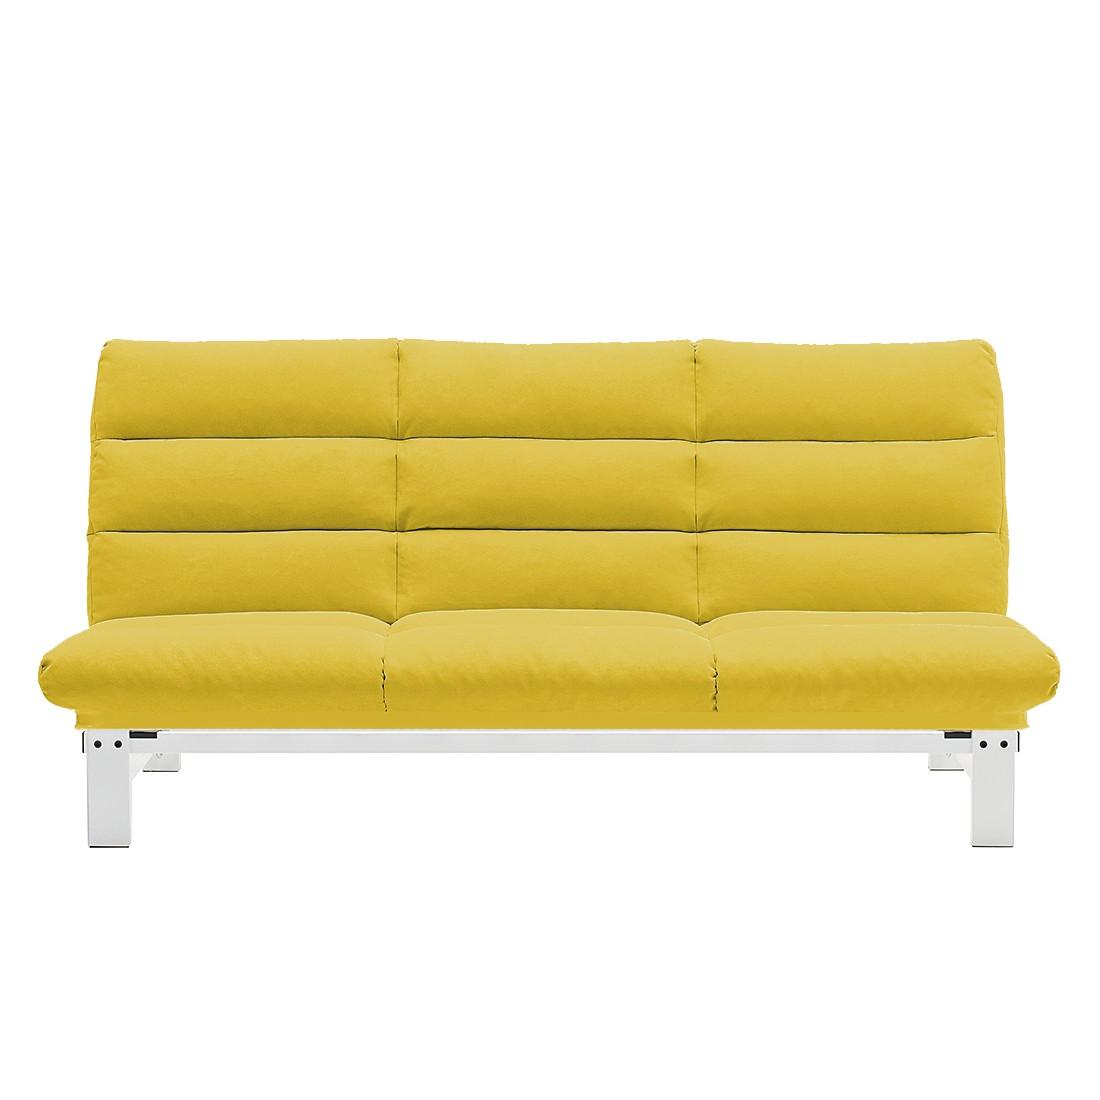 Schlafsofa Klack – Microfaser – Gelb / Weiß, Studio Monroe günstig online kaufen